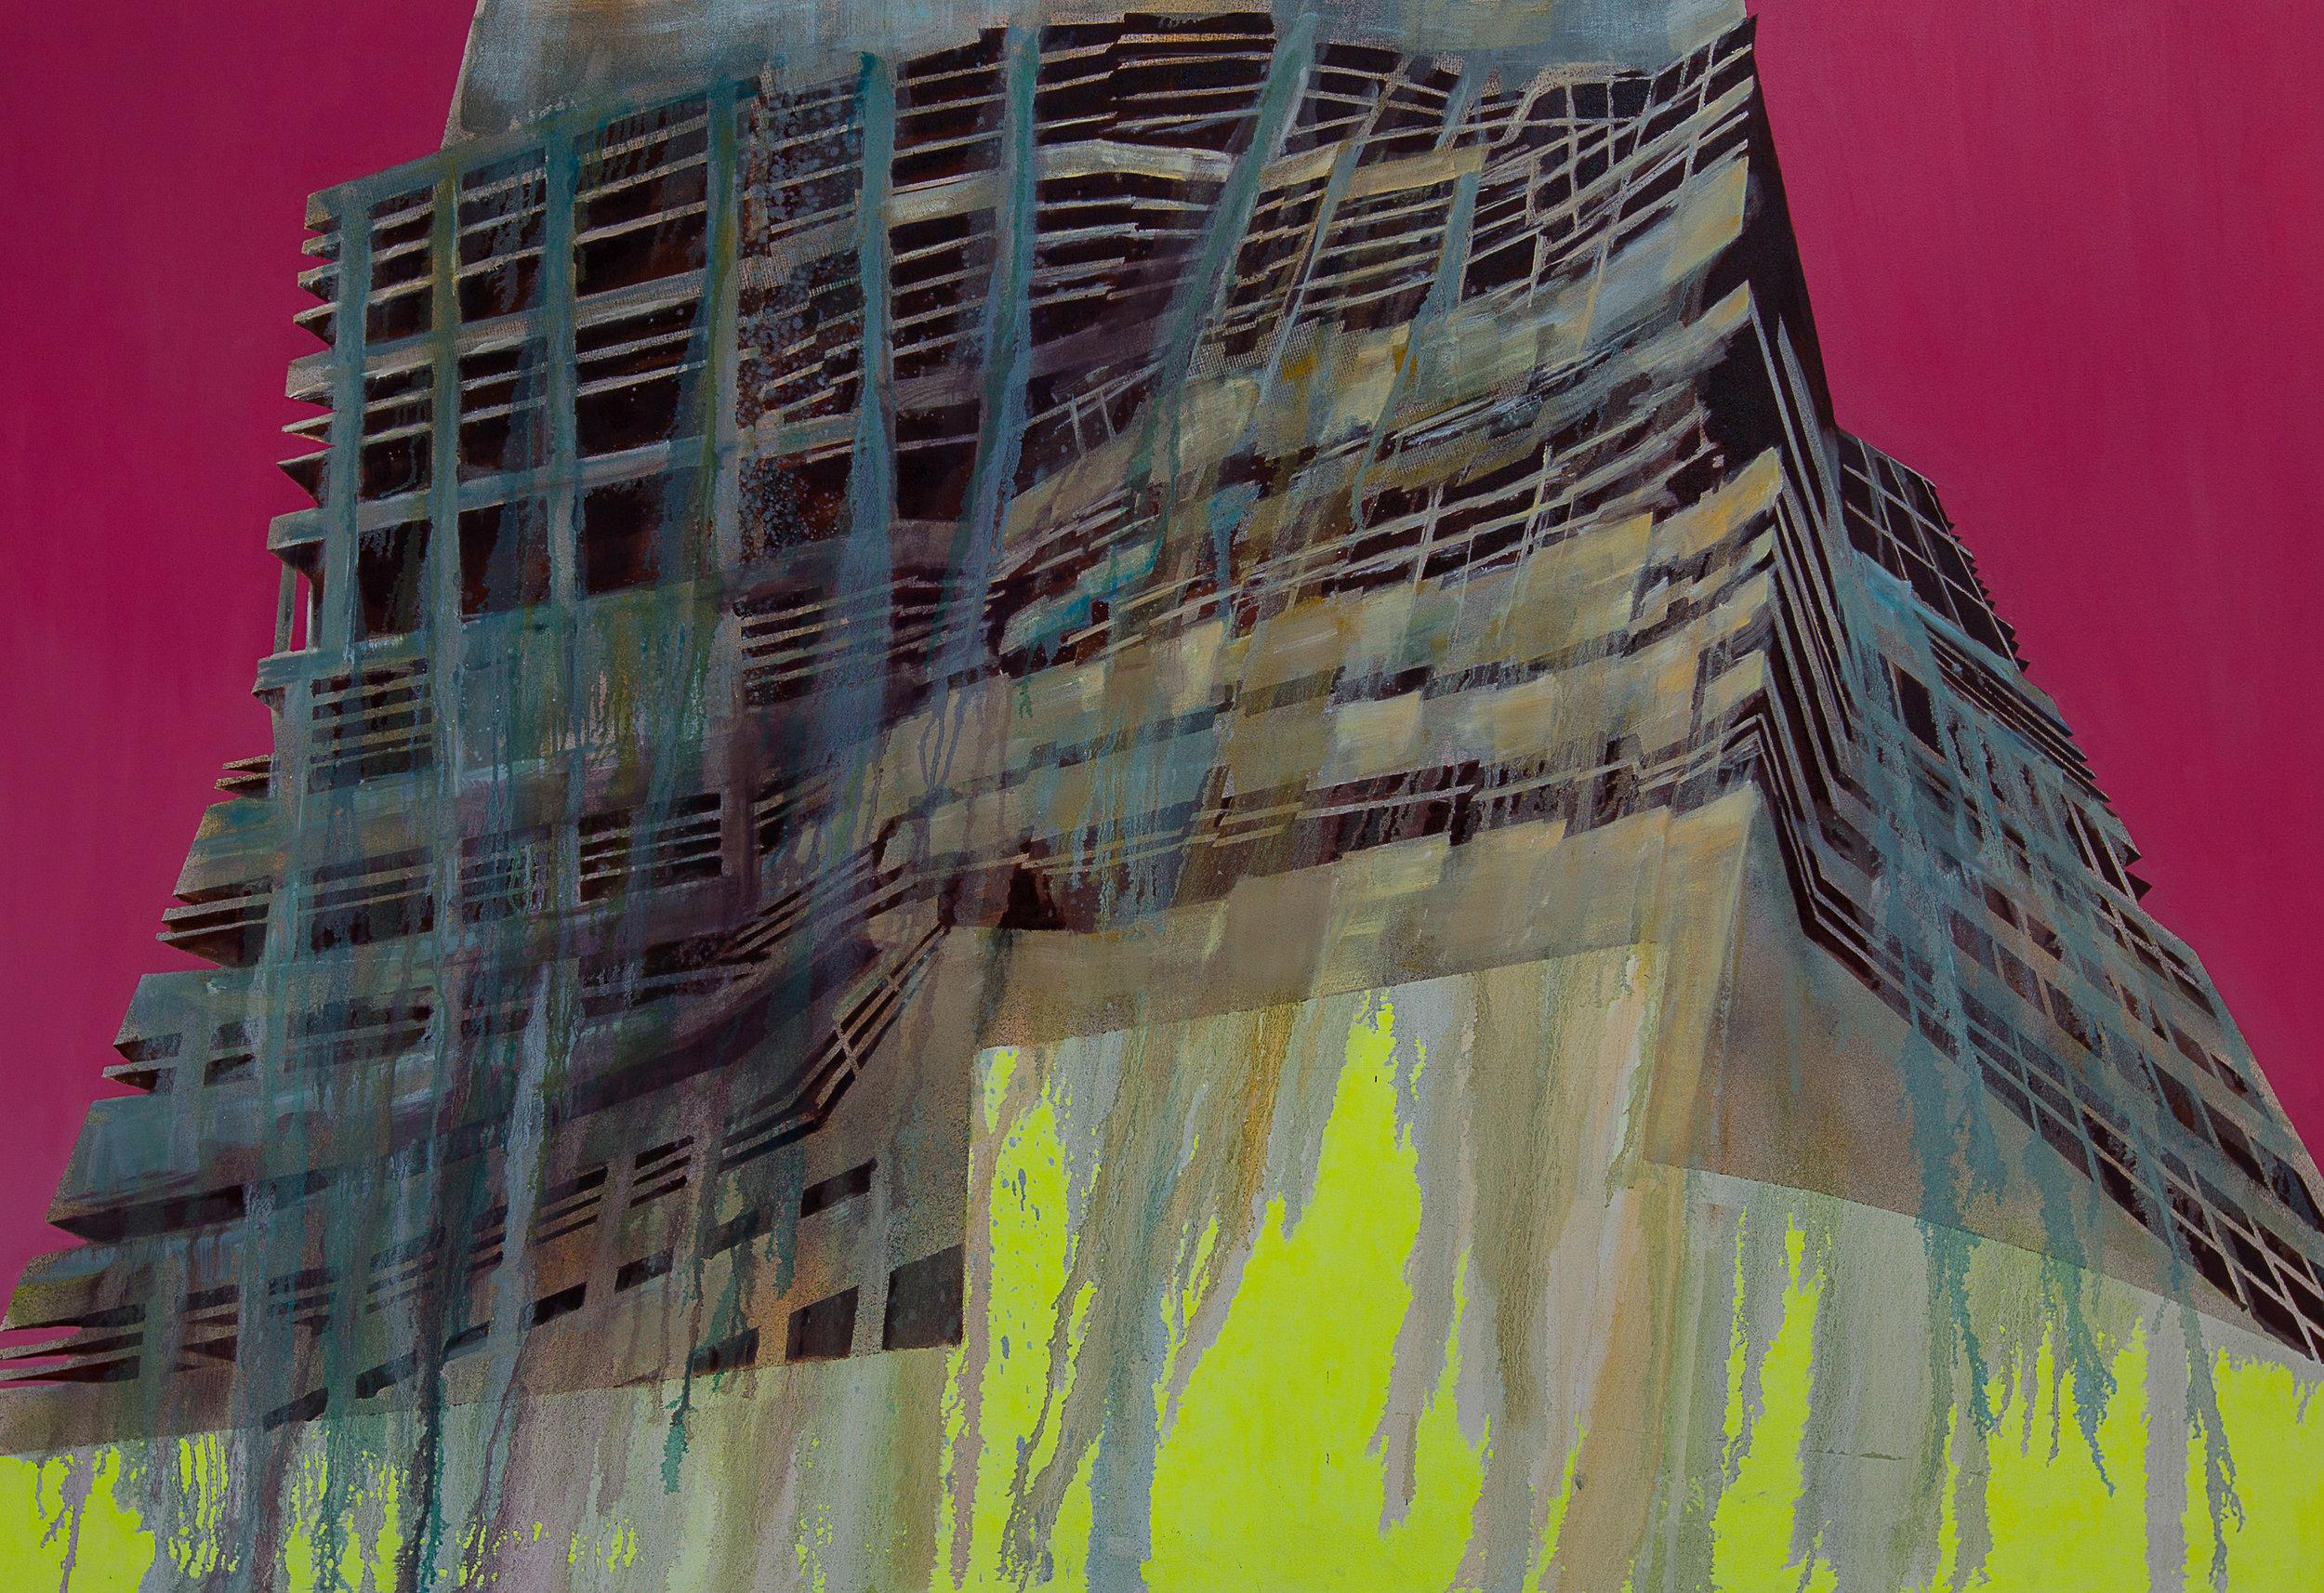 Work in Progress 003 - Winner of the Signature Art Prize for Painting 2015 Luke M Walker